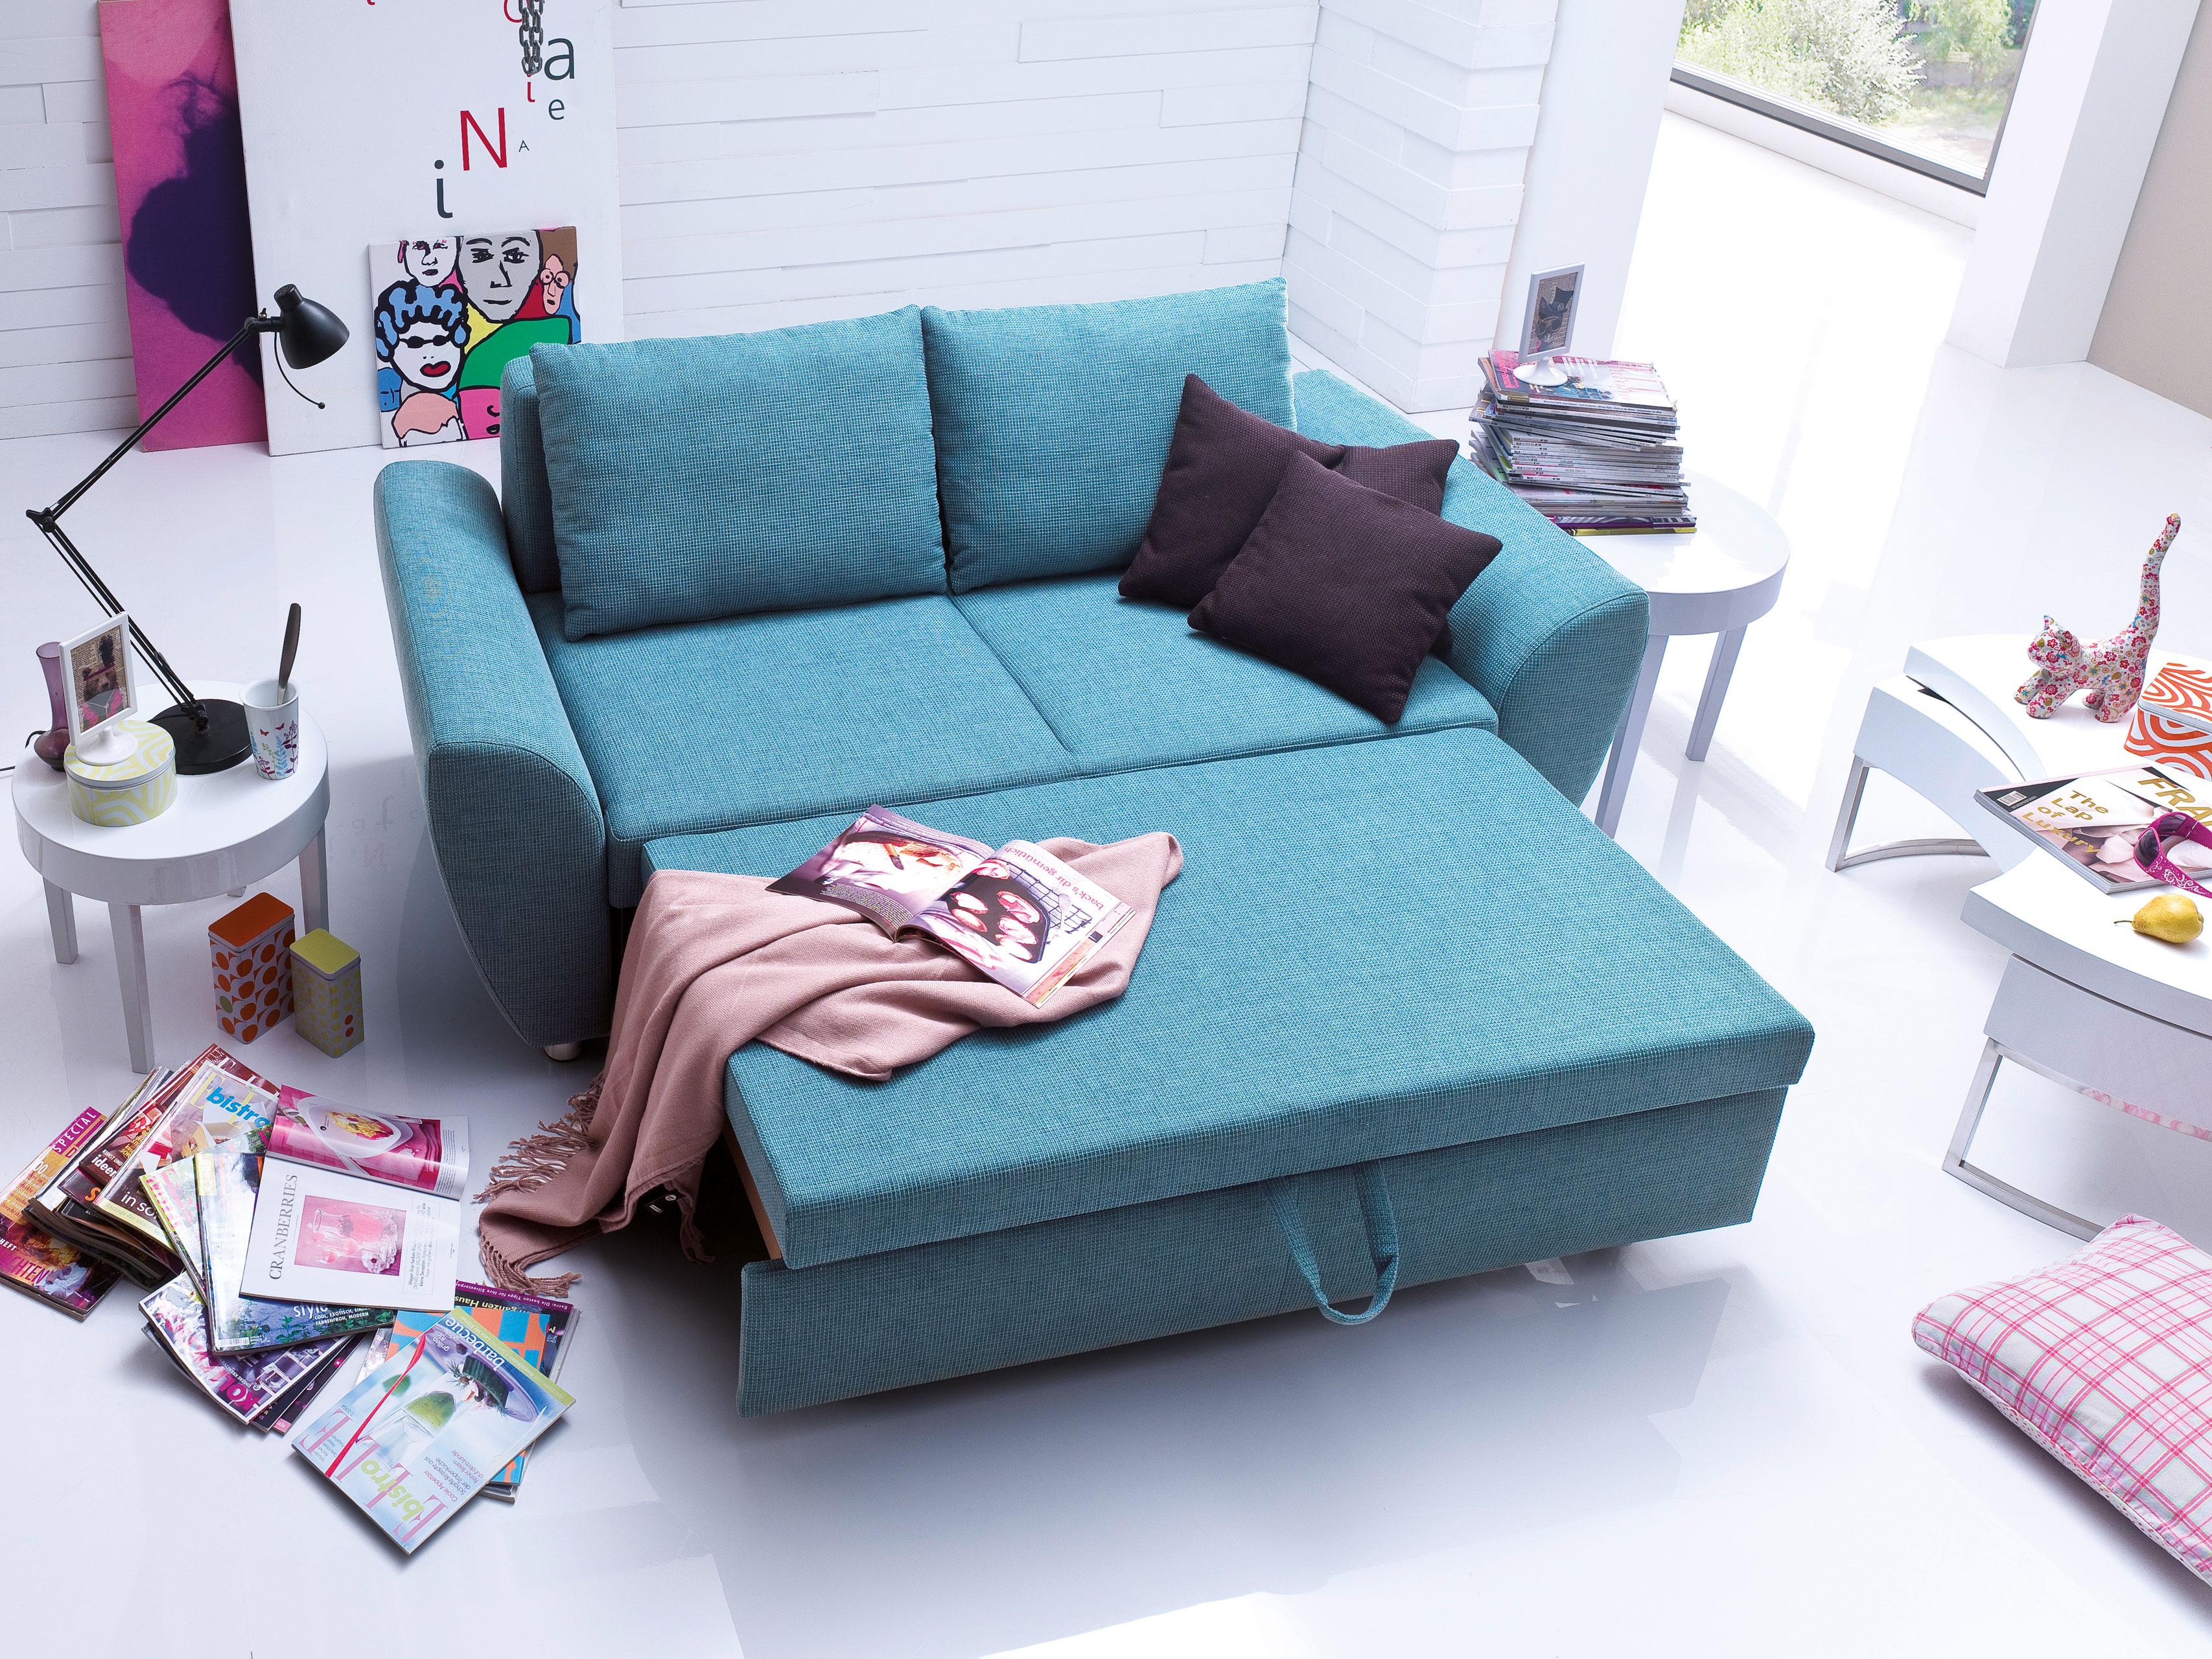 schlafsofa multiflexx in petrol von poco m bel letz. Black Bedroom Furniture Sets. Home Design Ideas